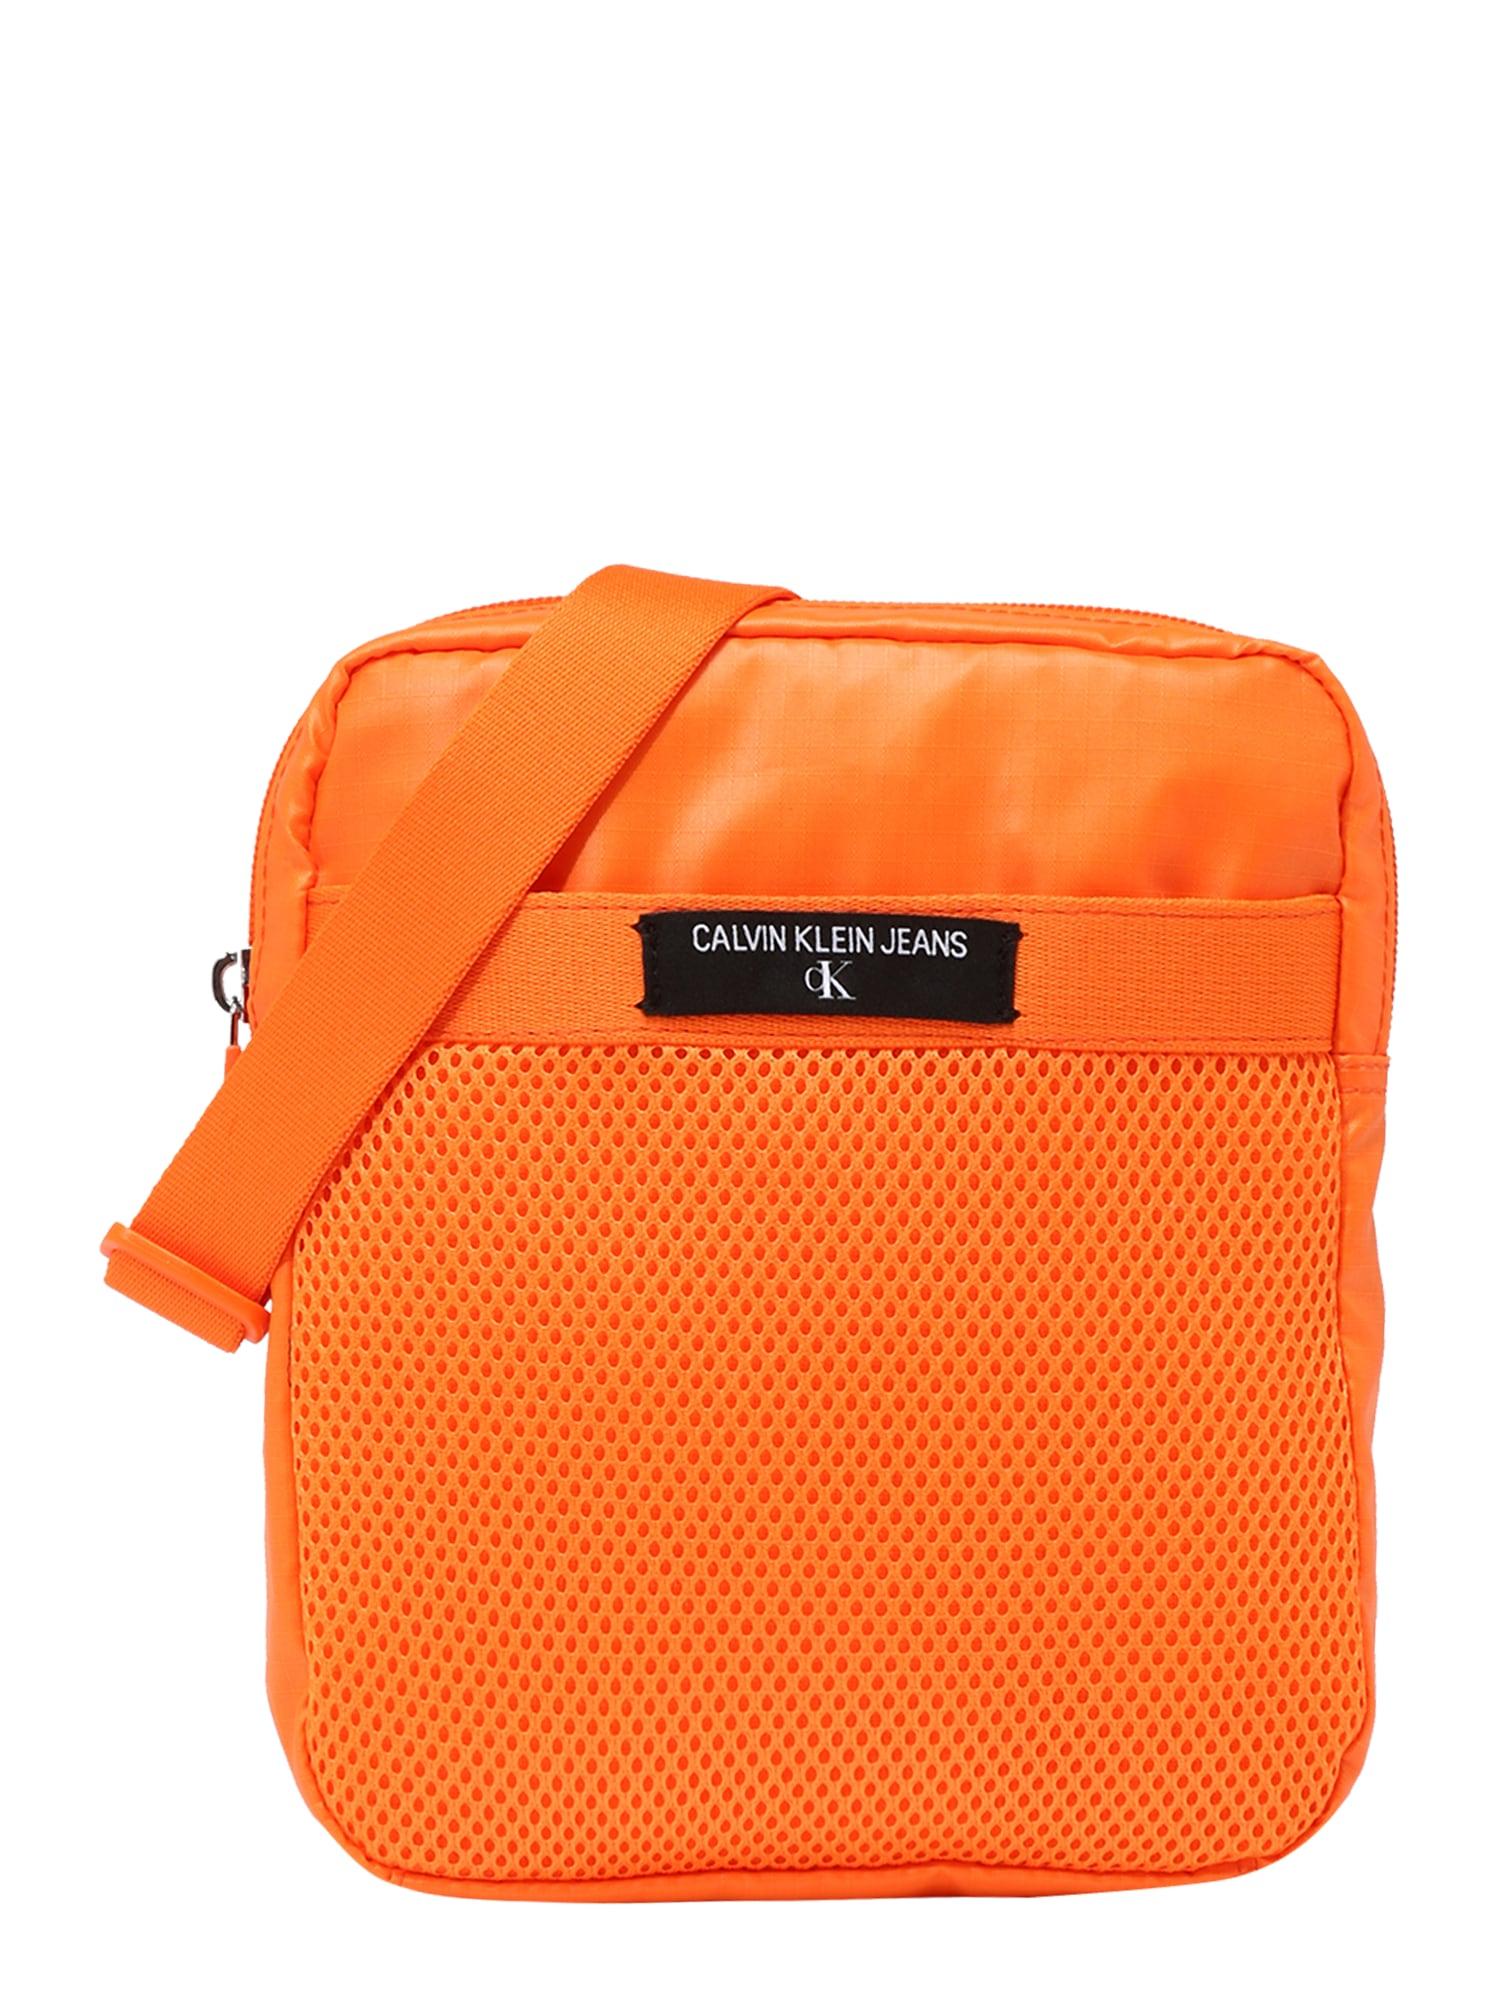 Calvin Klein Jeans Rankinė su ilgu dirželiu oranžinė